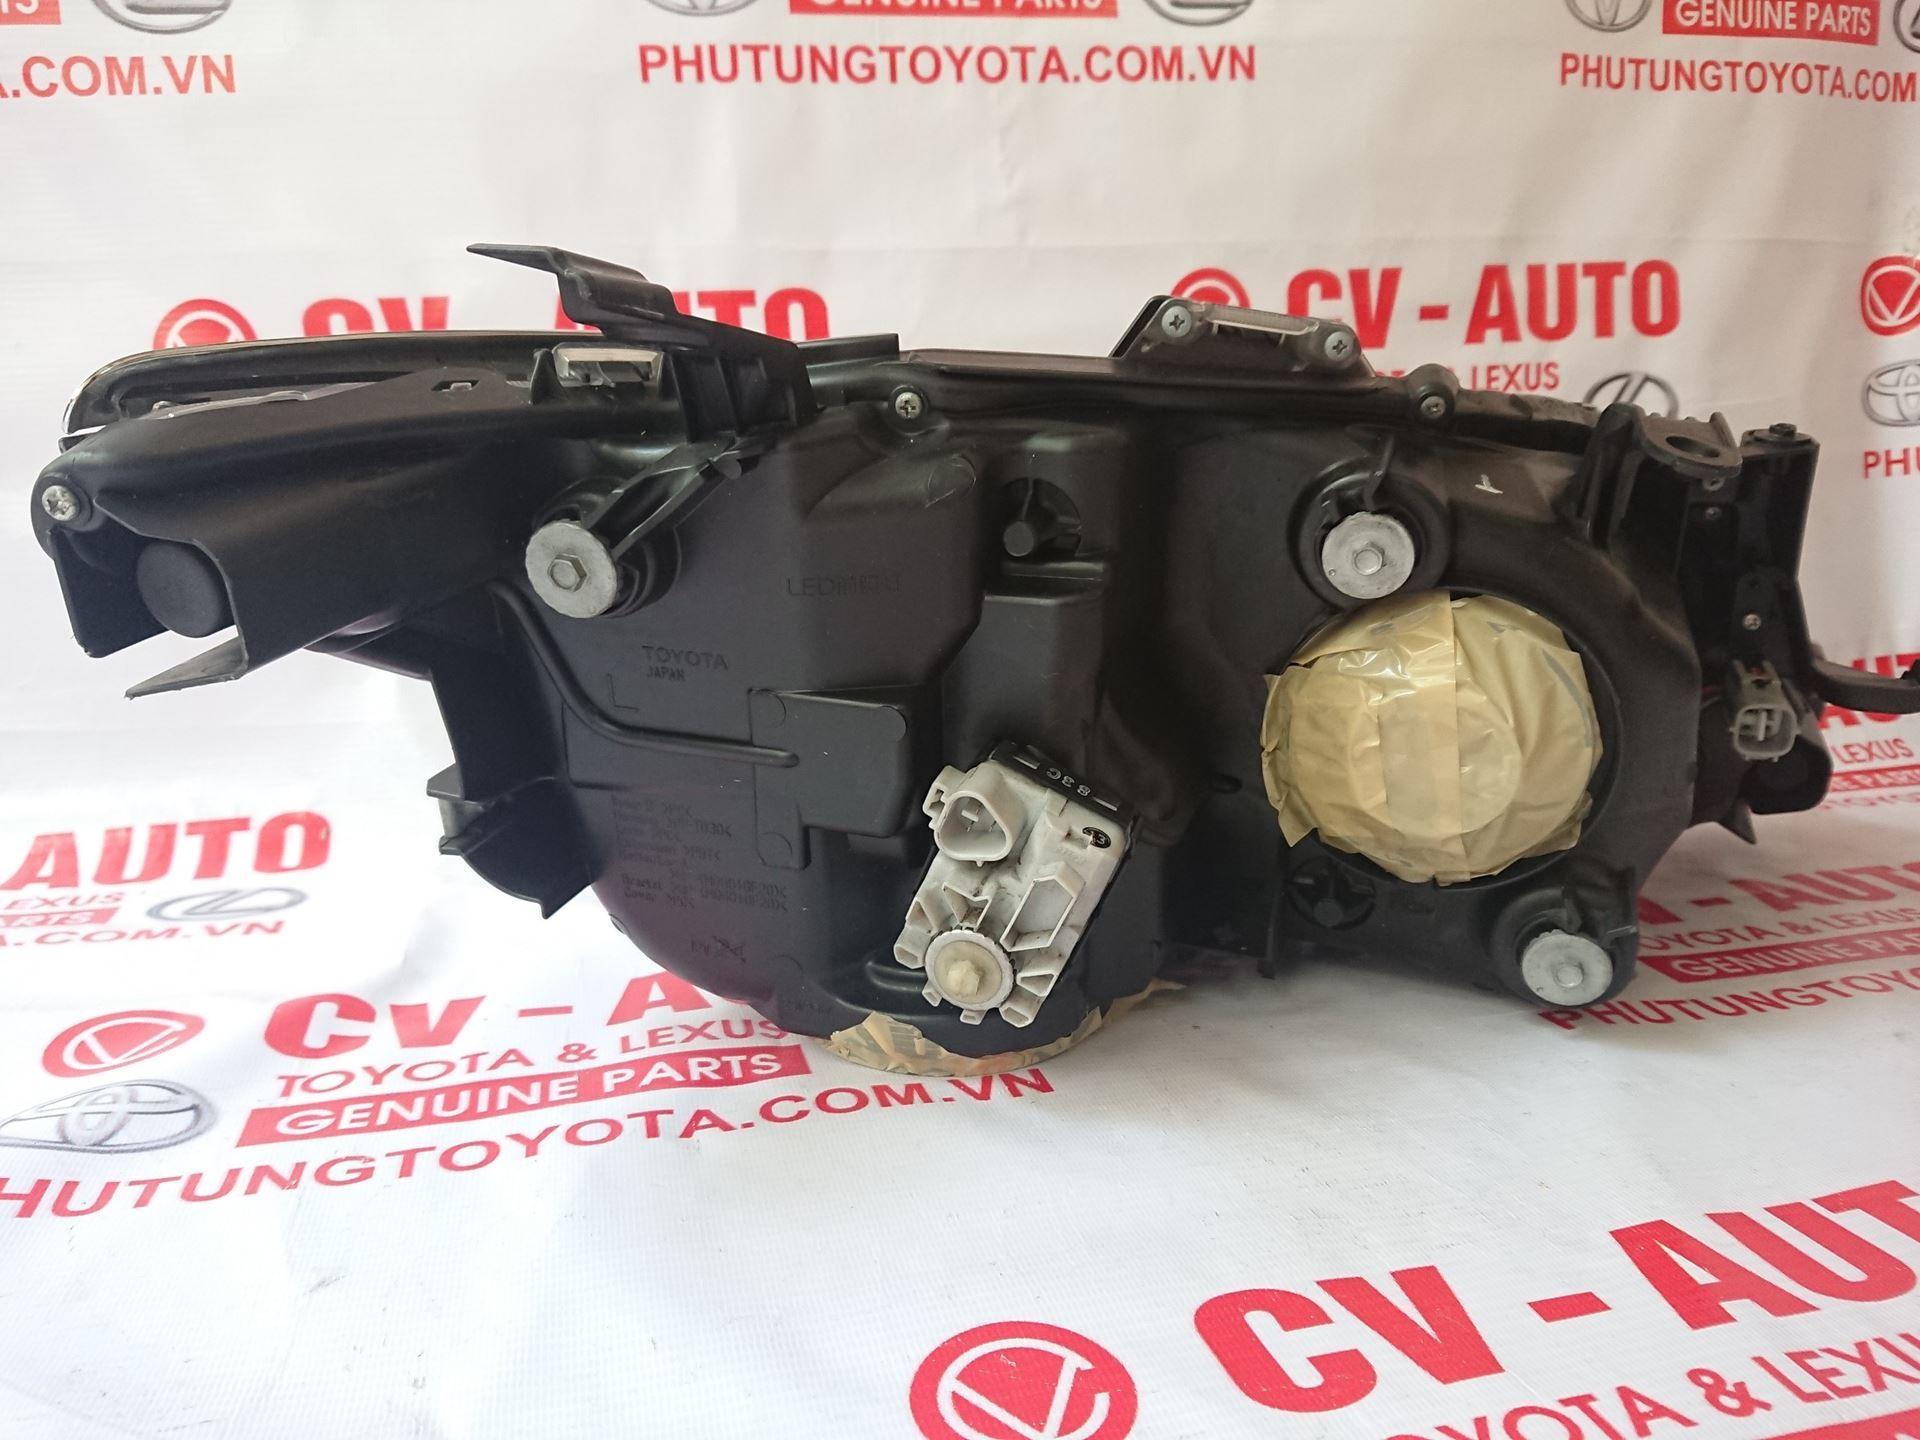 Picture of 81185-33G70 Đèn pha trái Toyota Camry 2018 hàng chính hãng